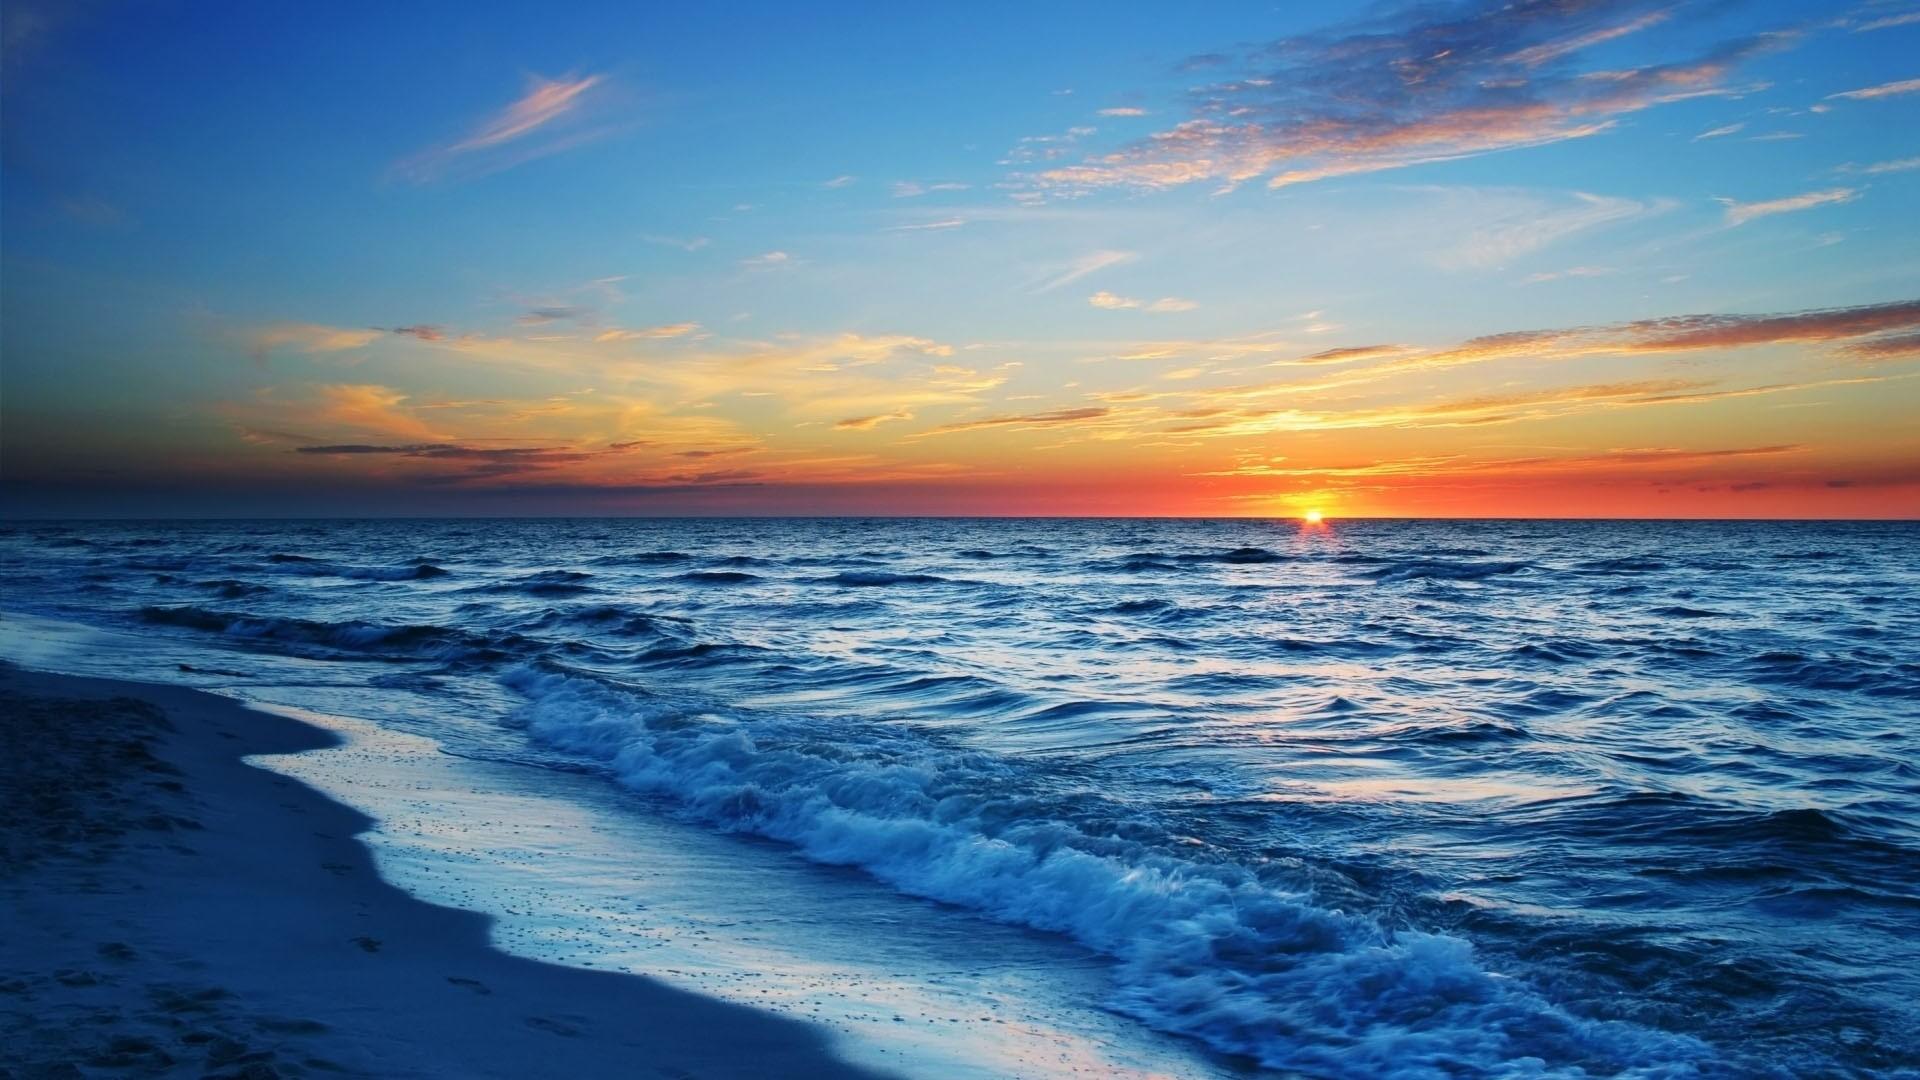 Ocean Nature Wallpaper